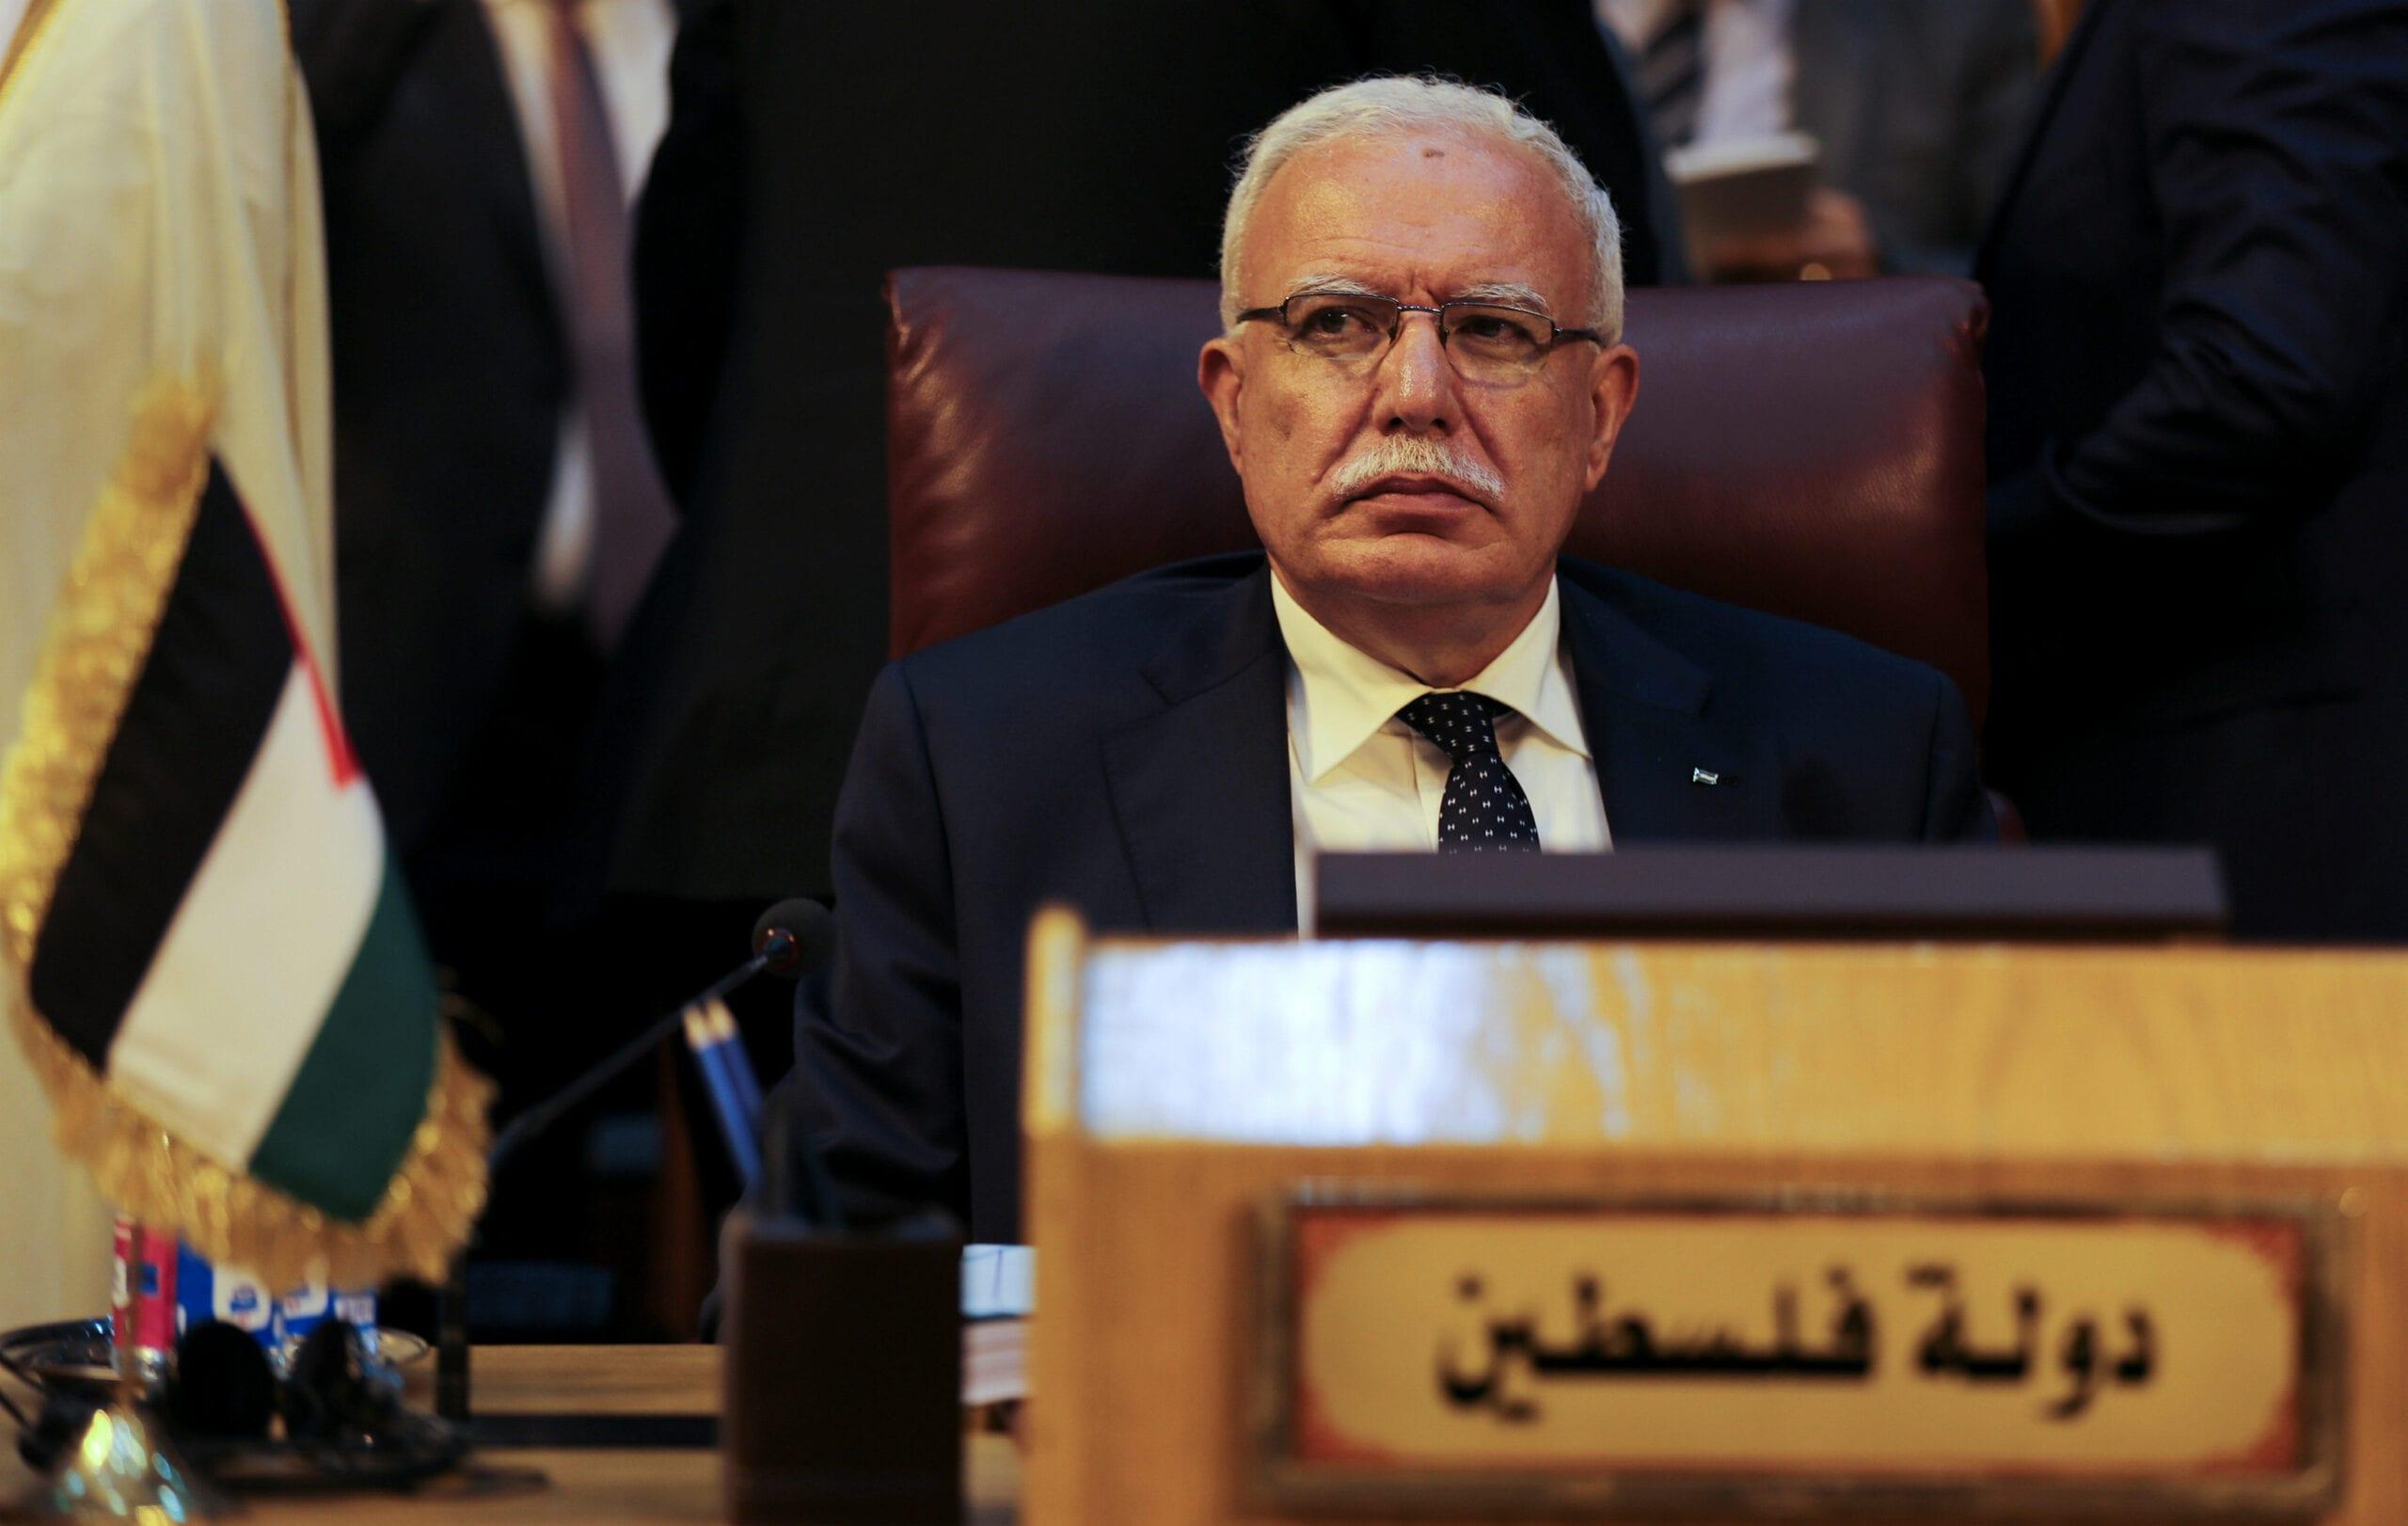 الخارجية الفلسطينية: خوف الدول يعطي إسرائيل حصانه لارتكاب الجرائم